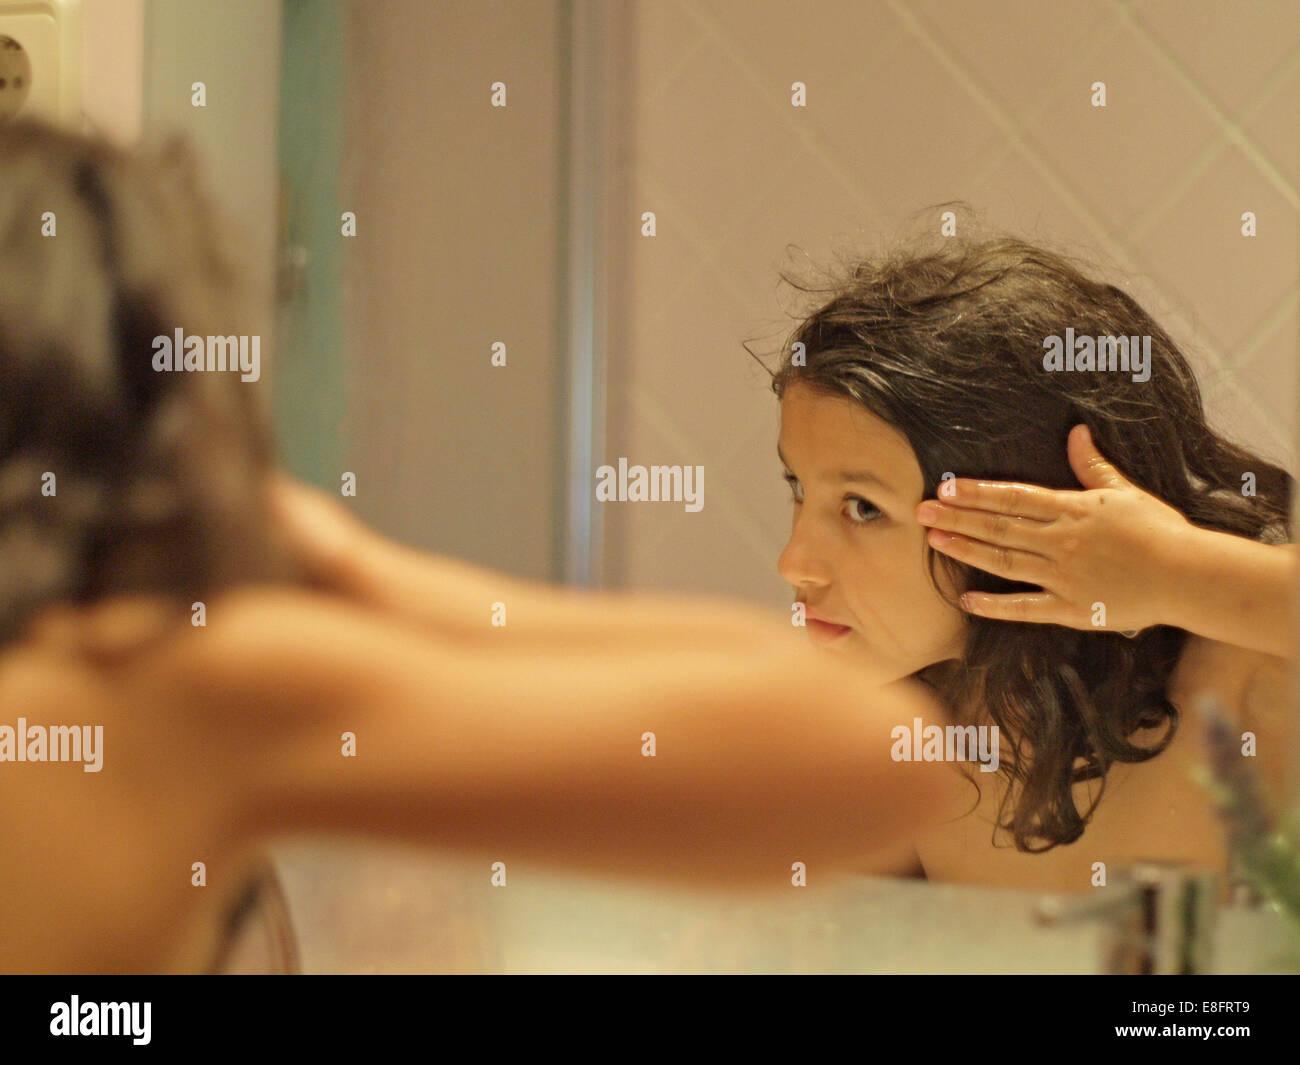 Fille aux cheveux mouillés à in mirror Photo Stock